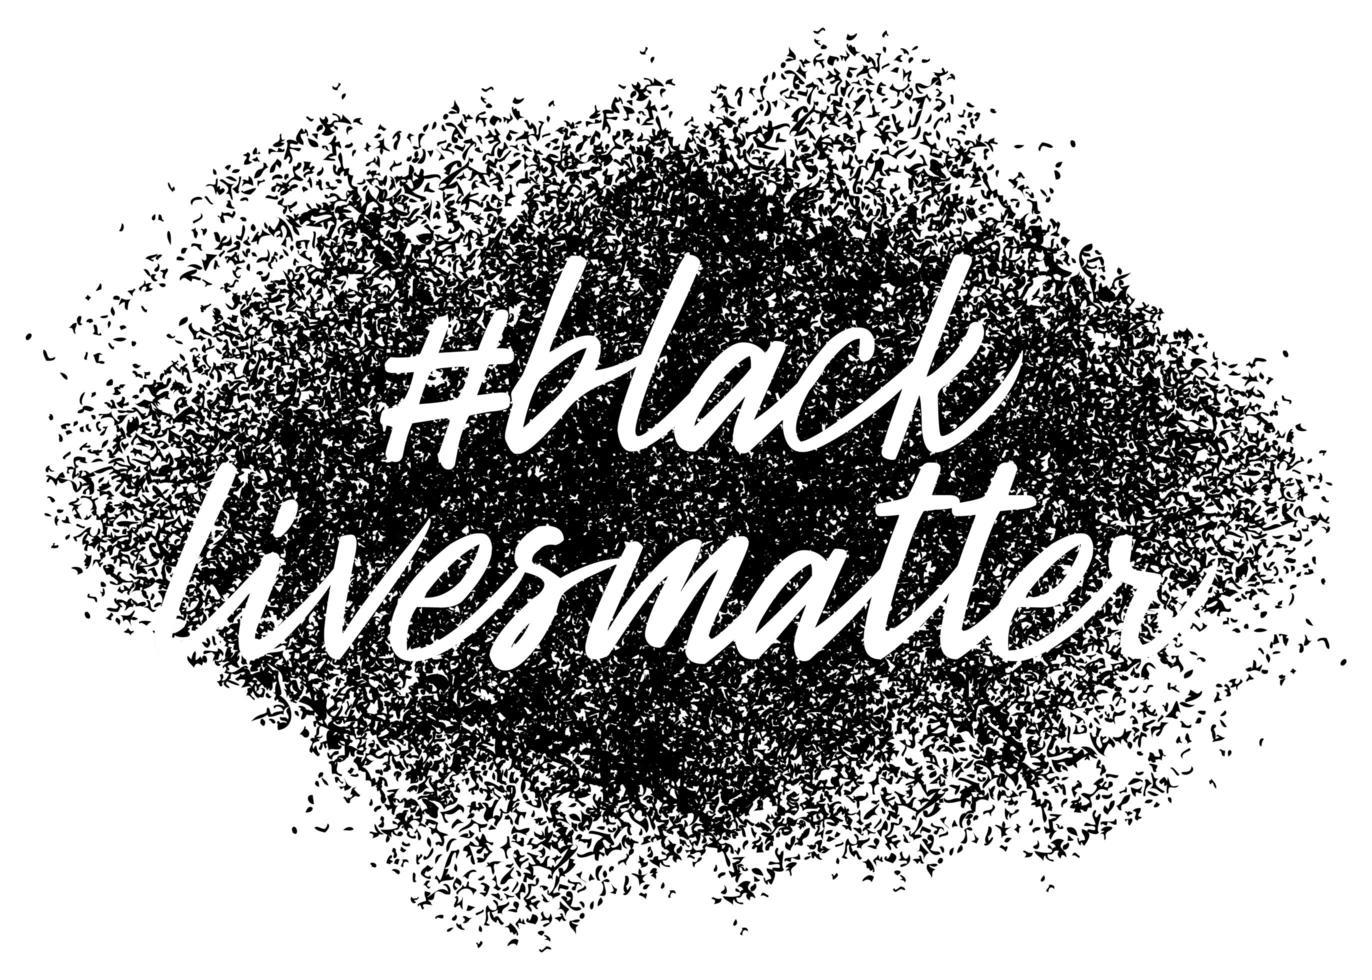 las vidas negras importan. pancarta de protesta sobre los derechos humanos de los negros en américa. ilustración vectorial. vector